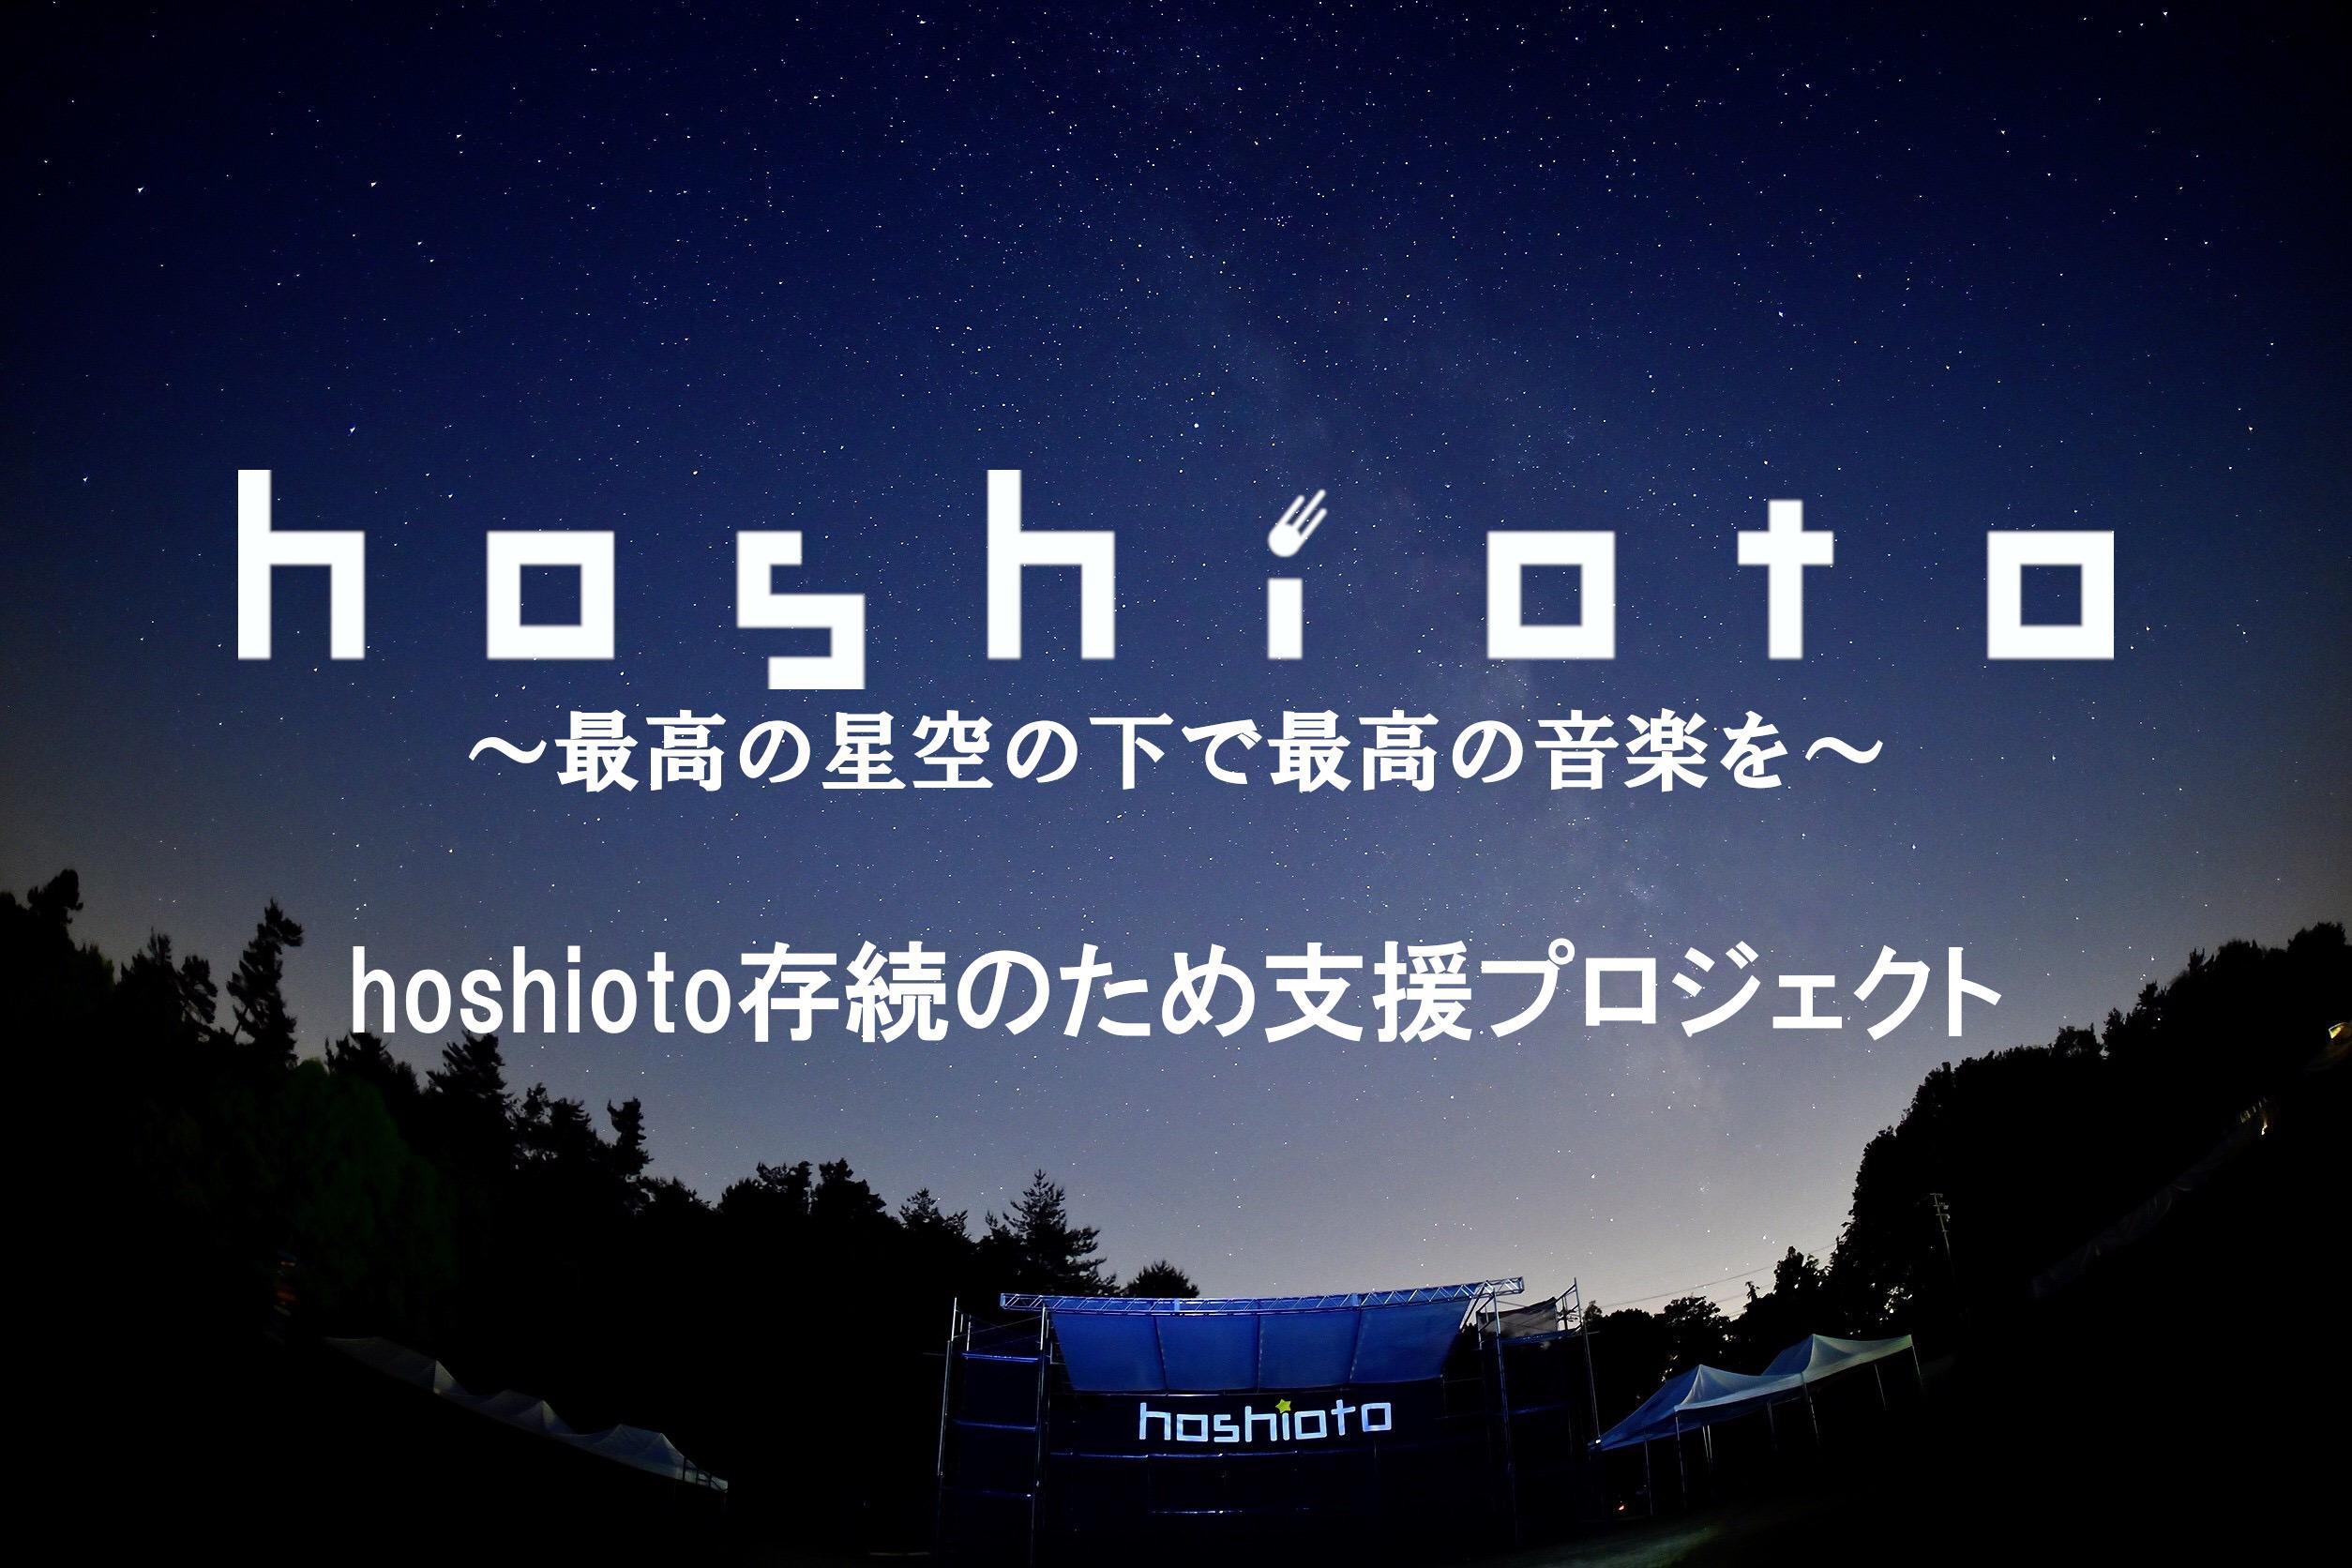 またいつの日か最高の星空で最高の音楽を、hoshioto'21 救済キャンペーン